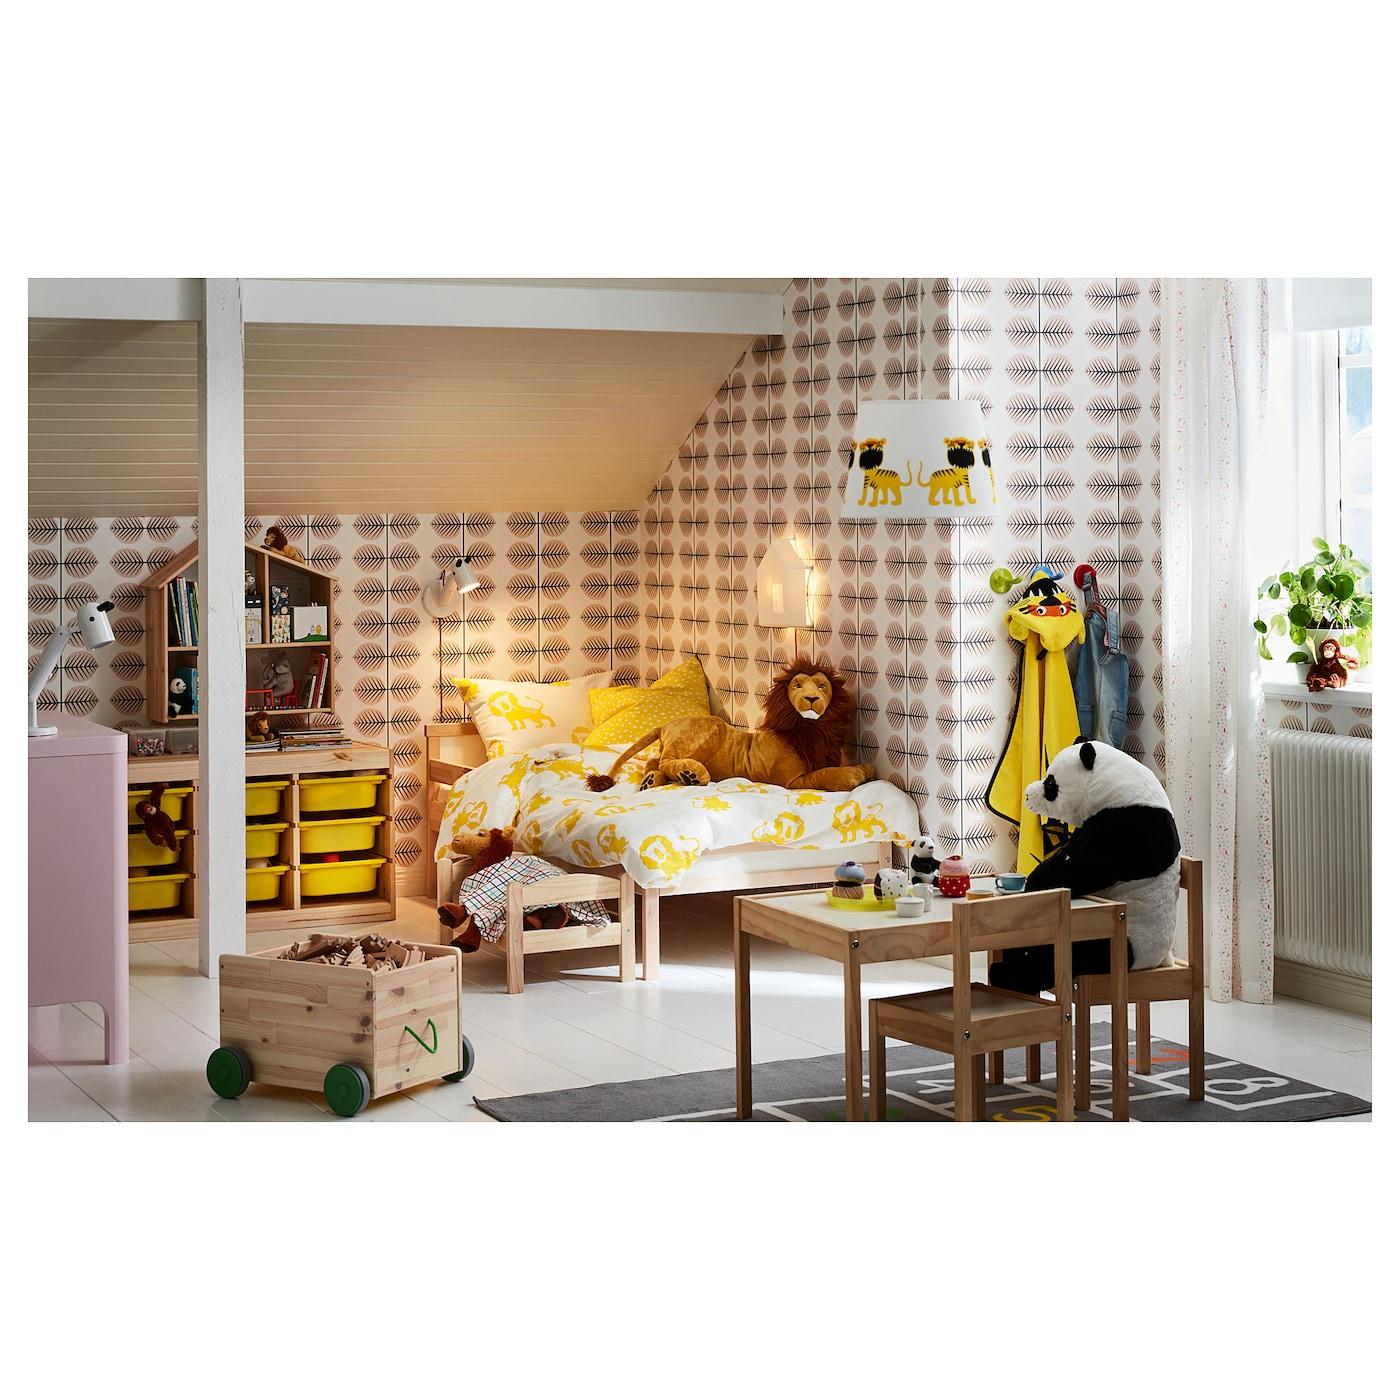 Wanneer Naar Peuterbed.Sniglar Peuterbed Met Lattenbodem Beuken 70 X 160 Cm Ikea